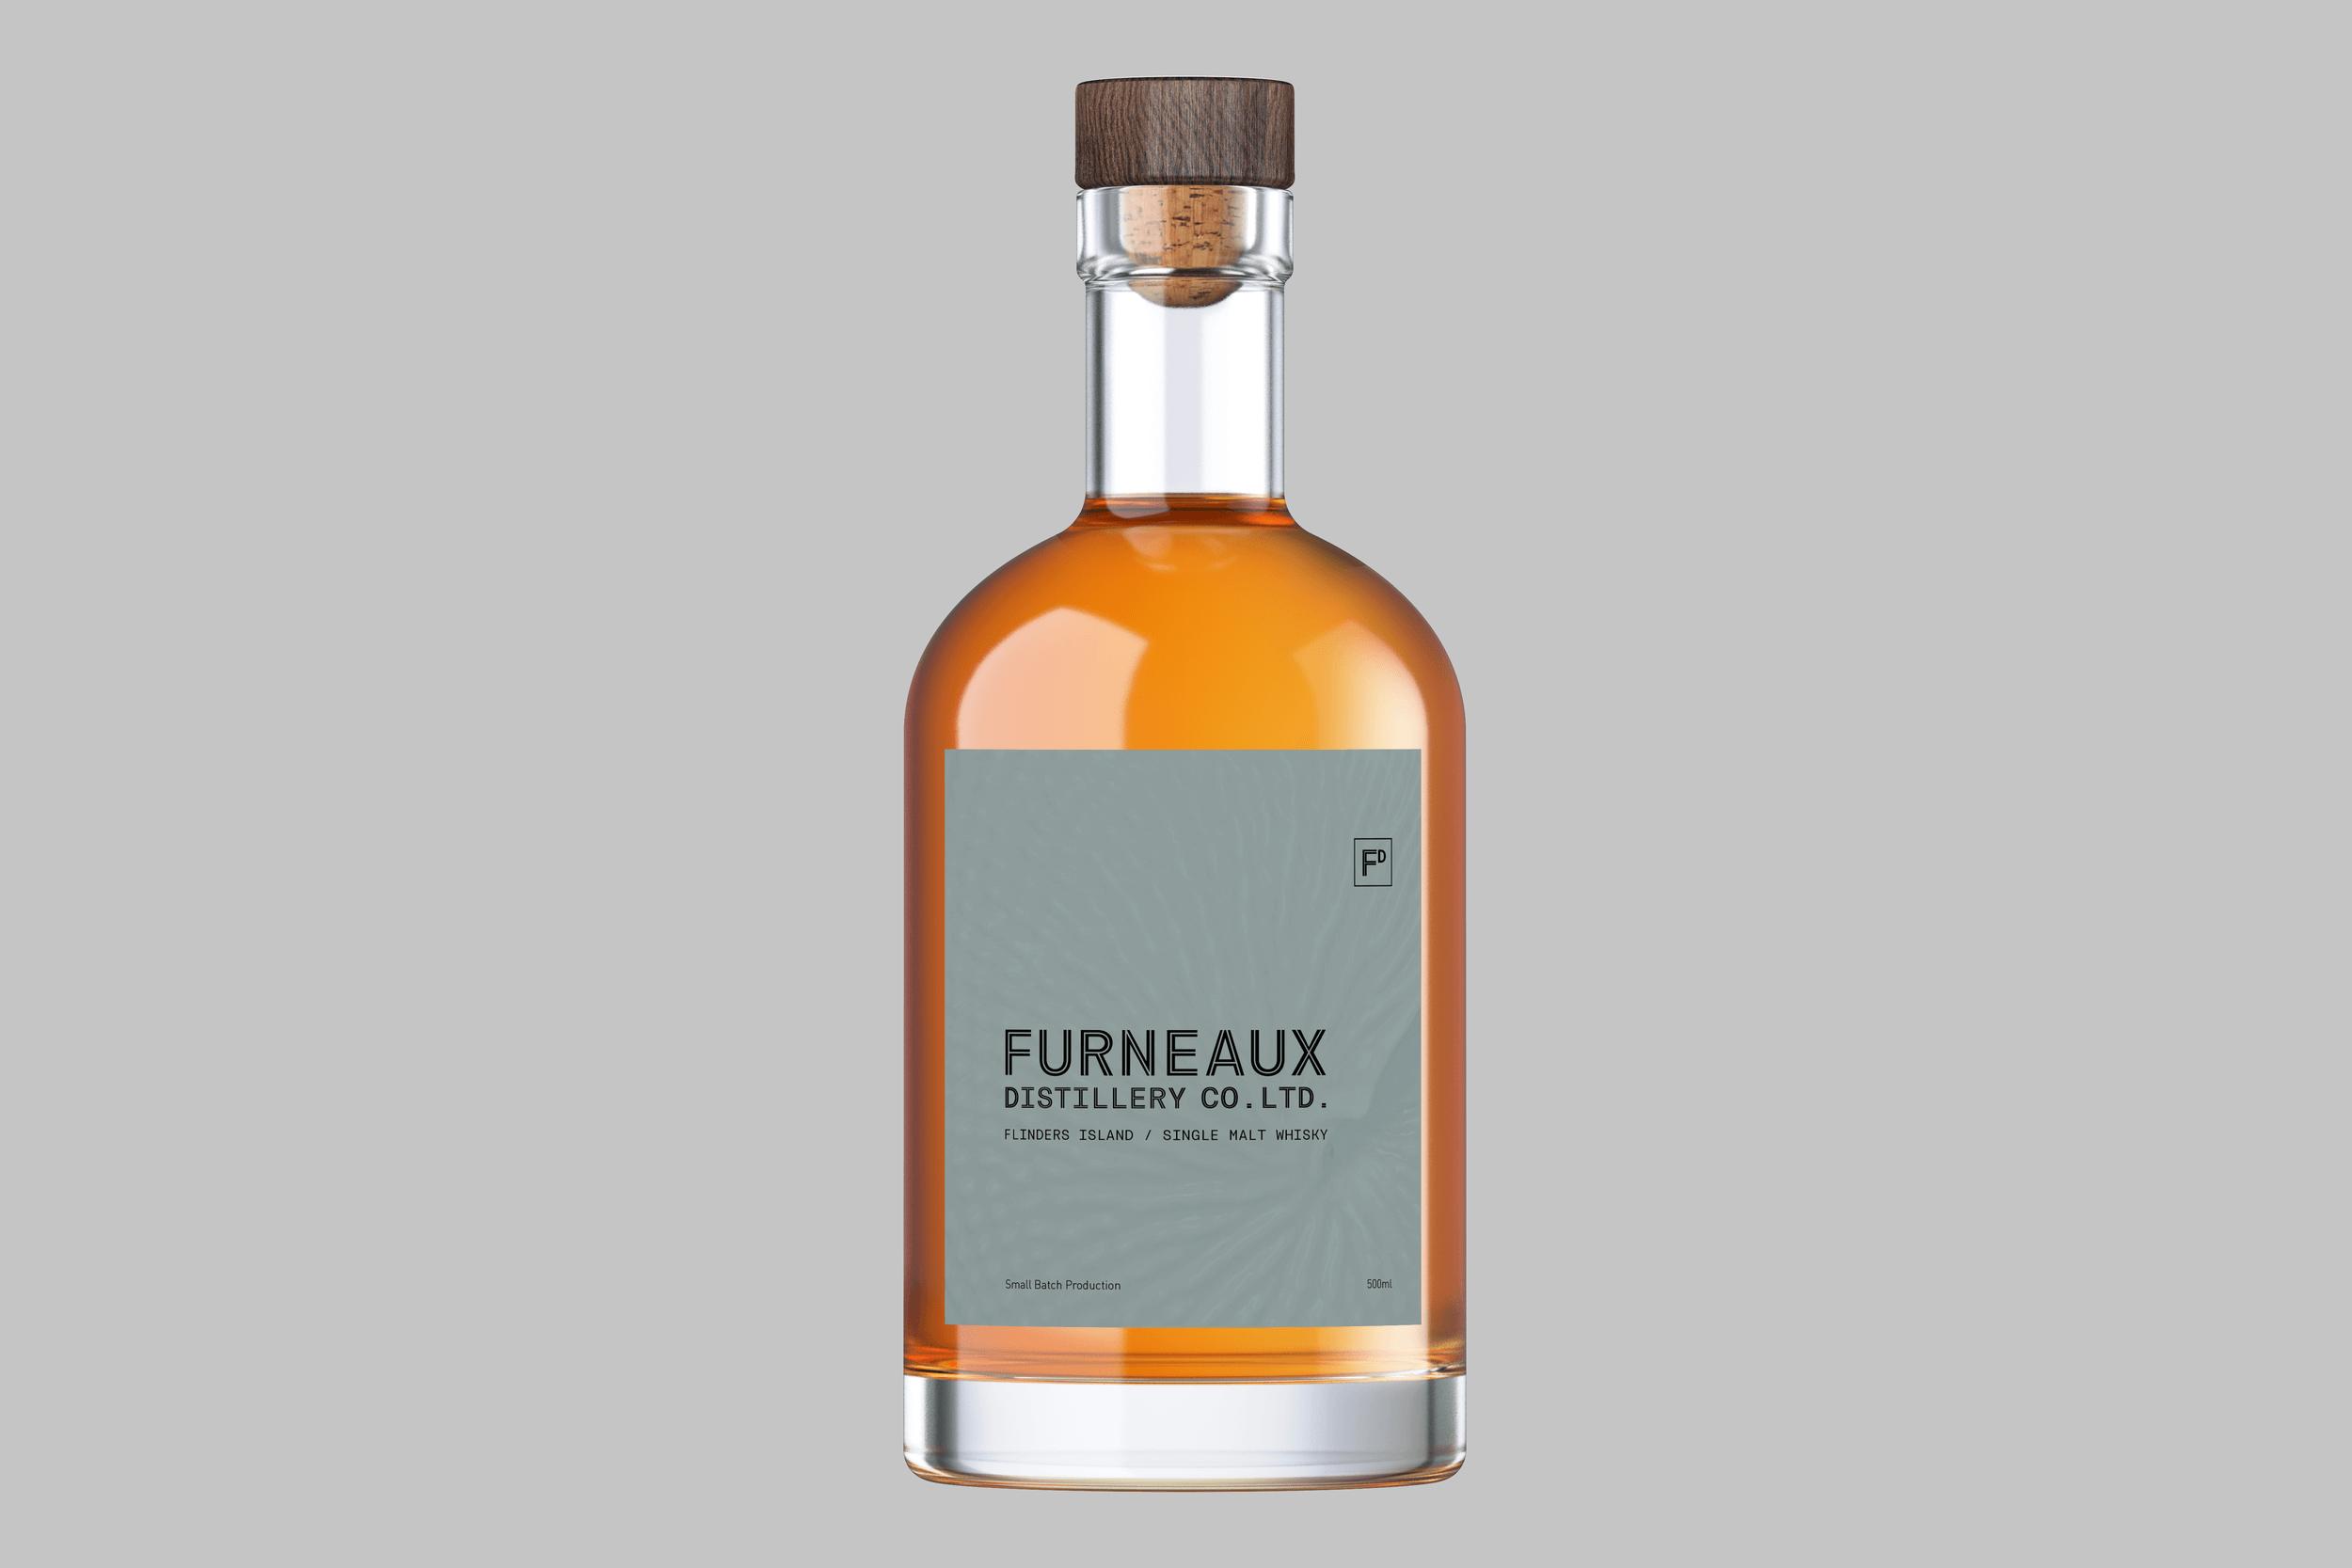 Furneaux+Distillery+Label+Mockup-1.png